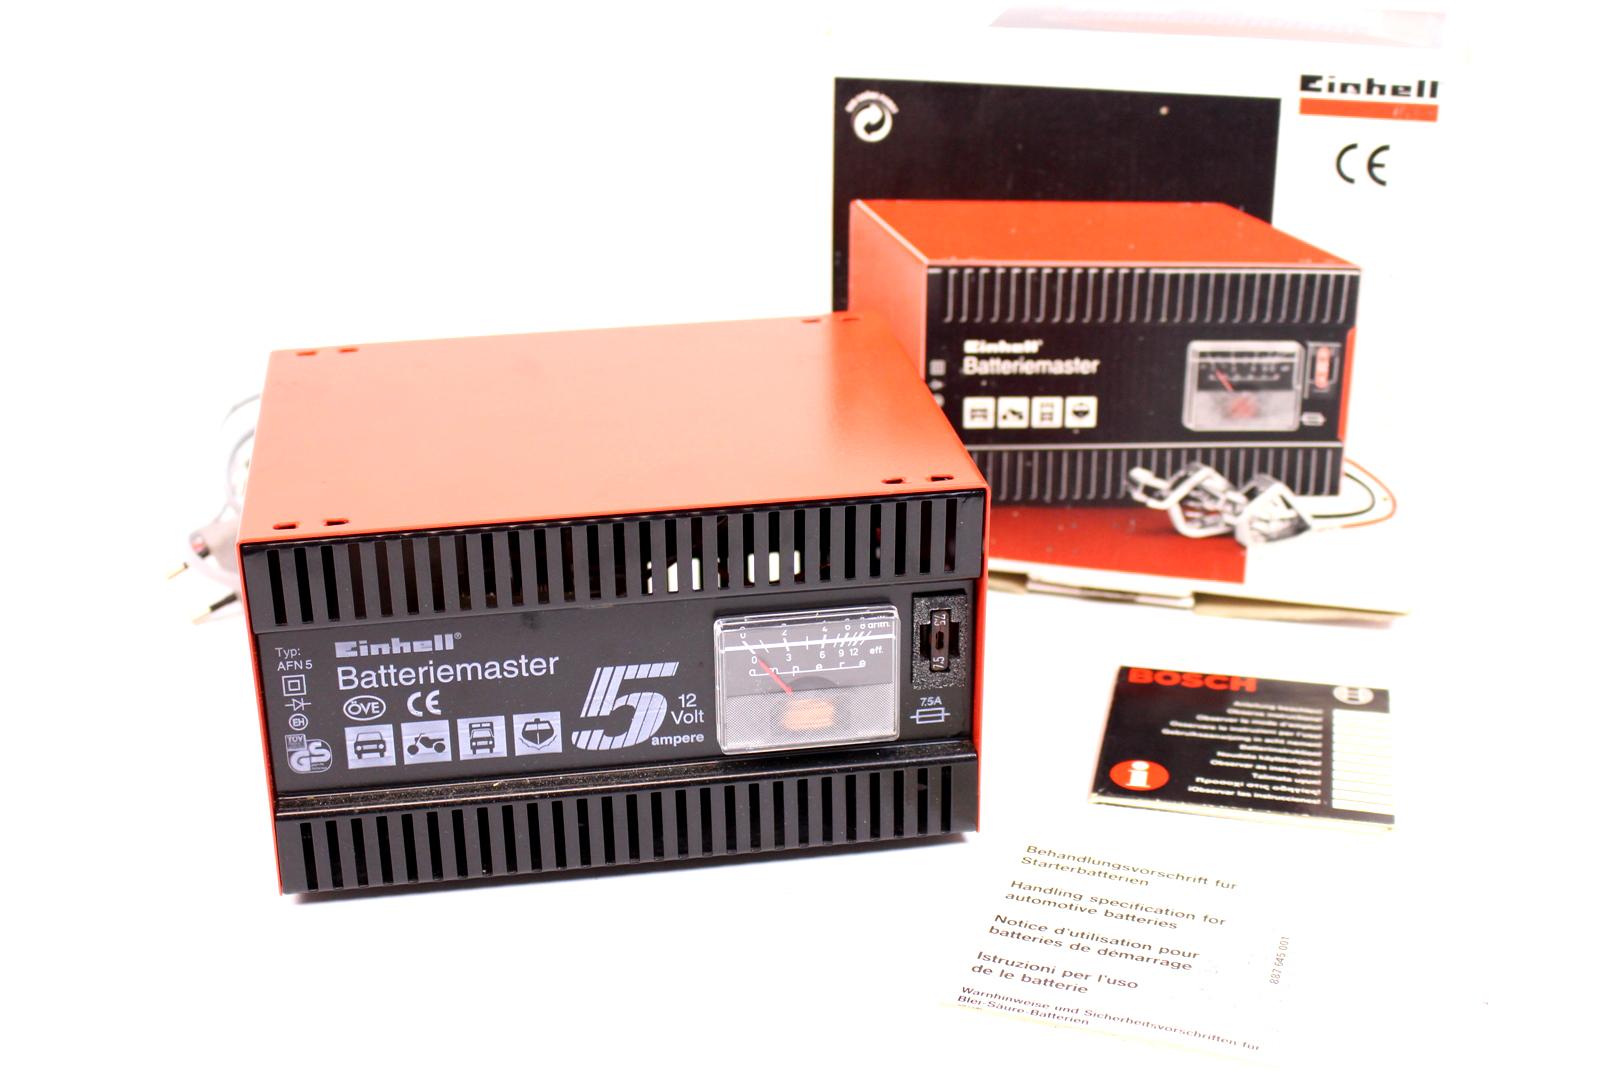 einhell batteriemaster afn5 12v 5 ampere auto kfz batterie. Black Bedroom Furniture Sets. Home Design Ideas